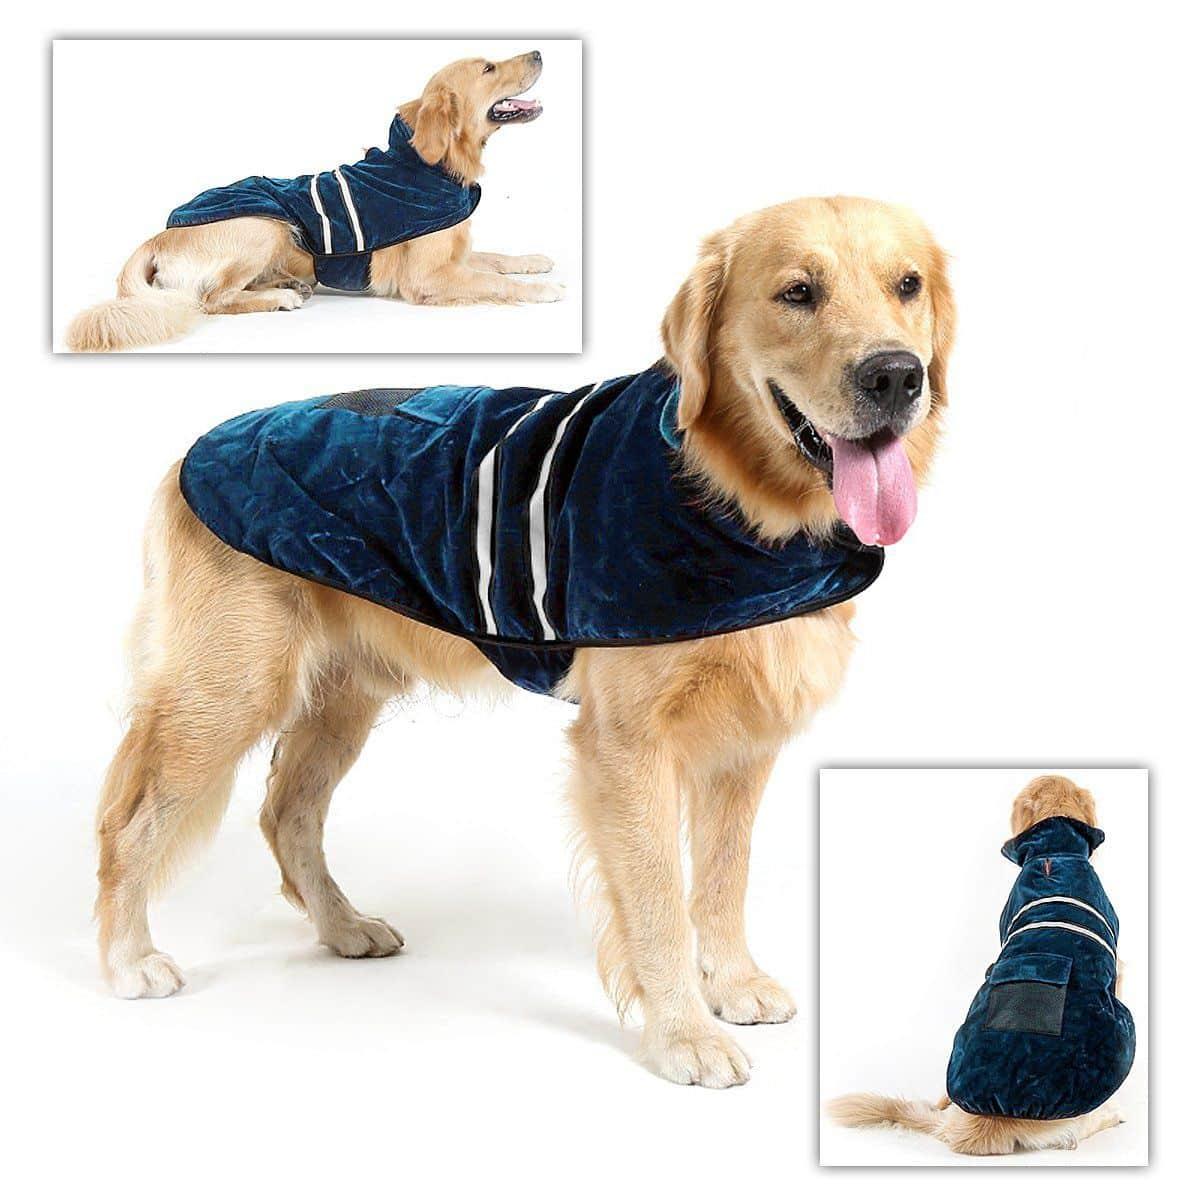 Acheter un manteau pour chien prix avis et comparatif - Enlever l electricite statique d un vetement ...